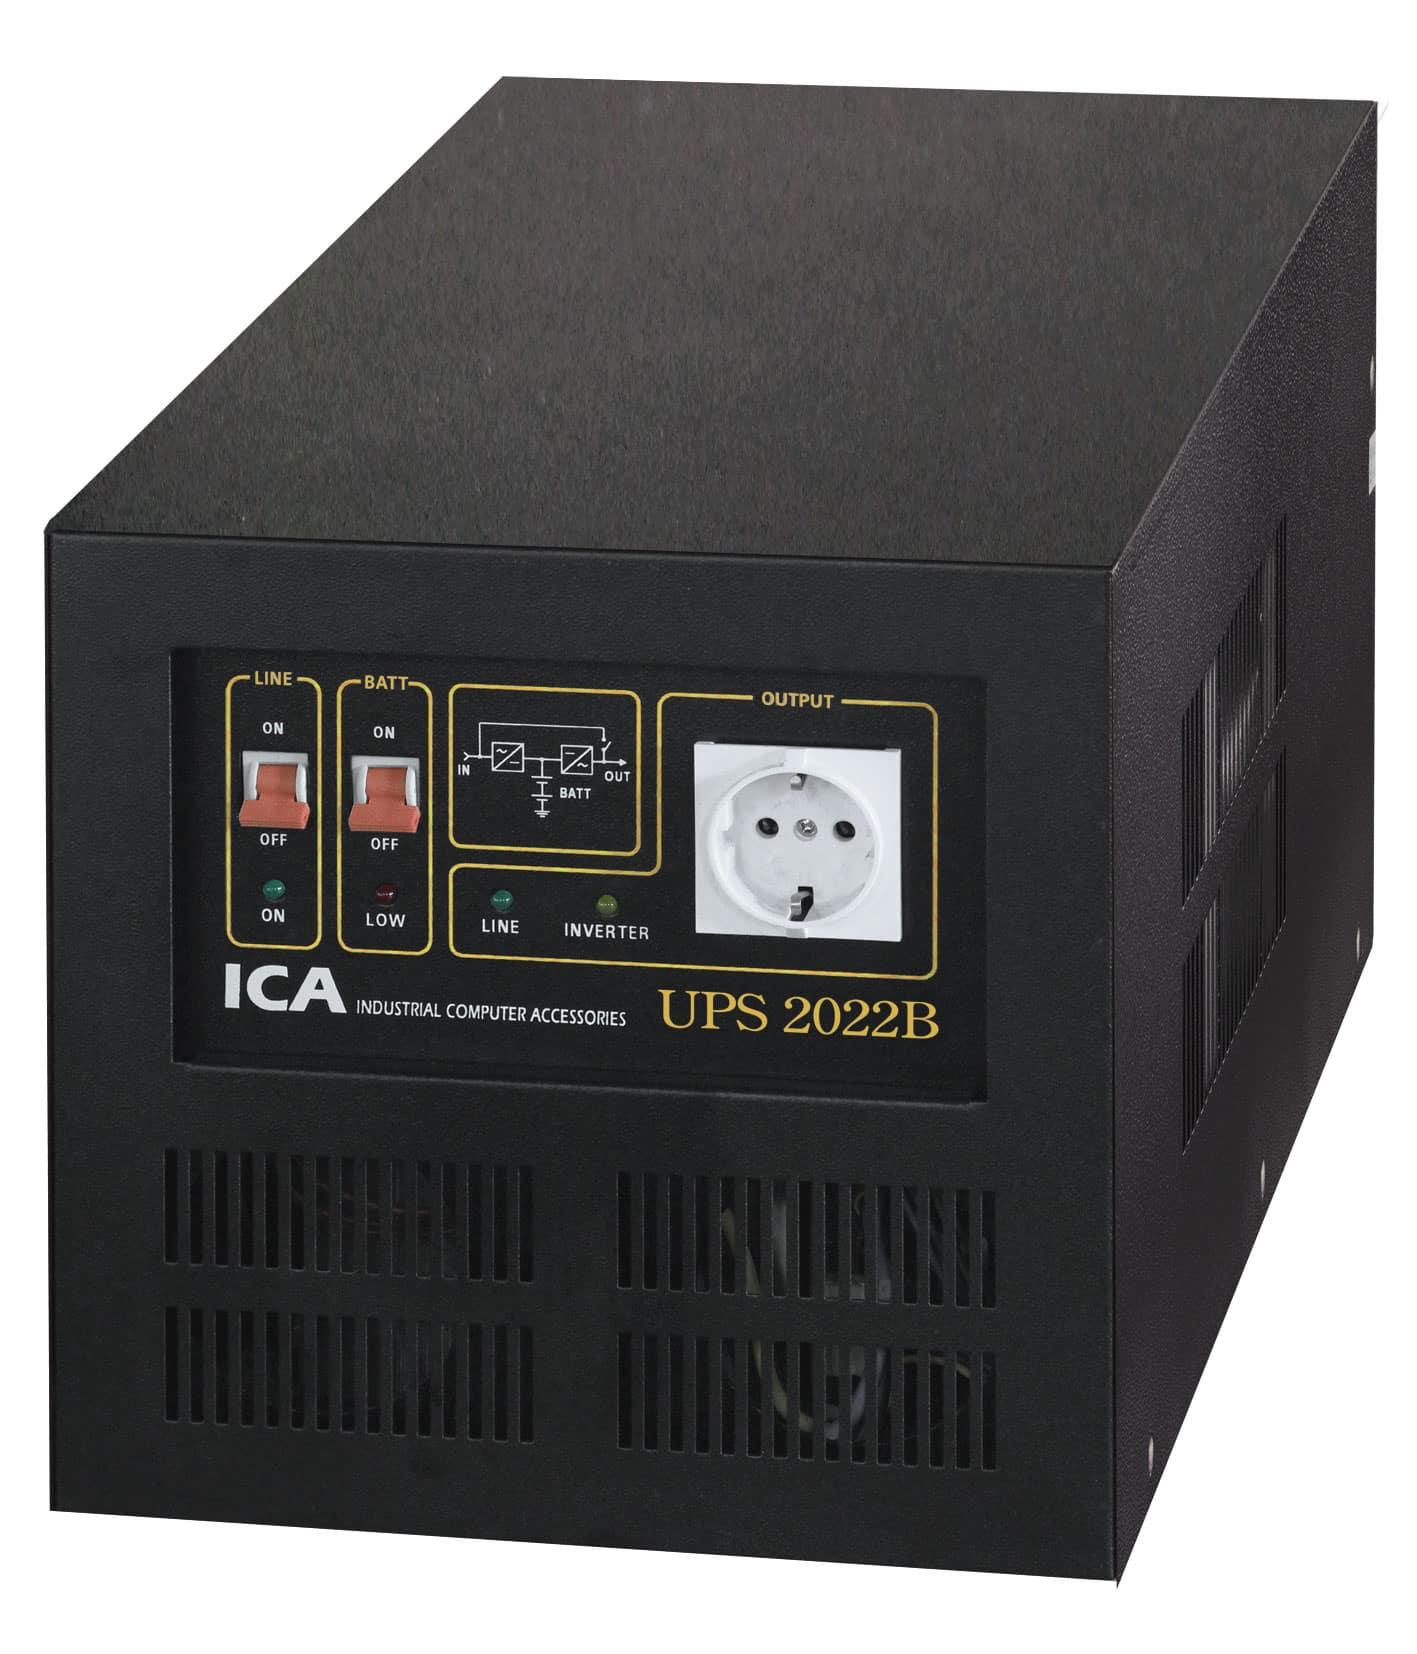 Ups-Ica